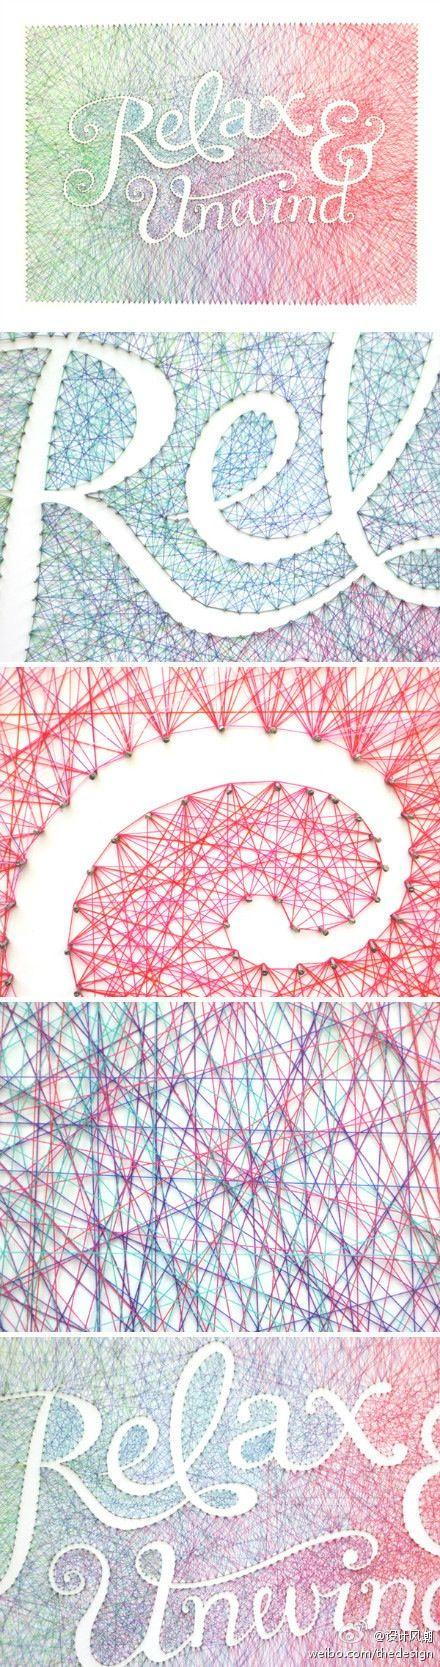 TUTO Construire un ongle en acrylique | Melissa Easy Nails – YouTube – Fatou Diallo